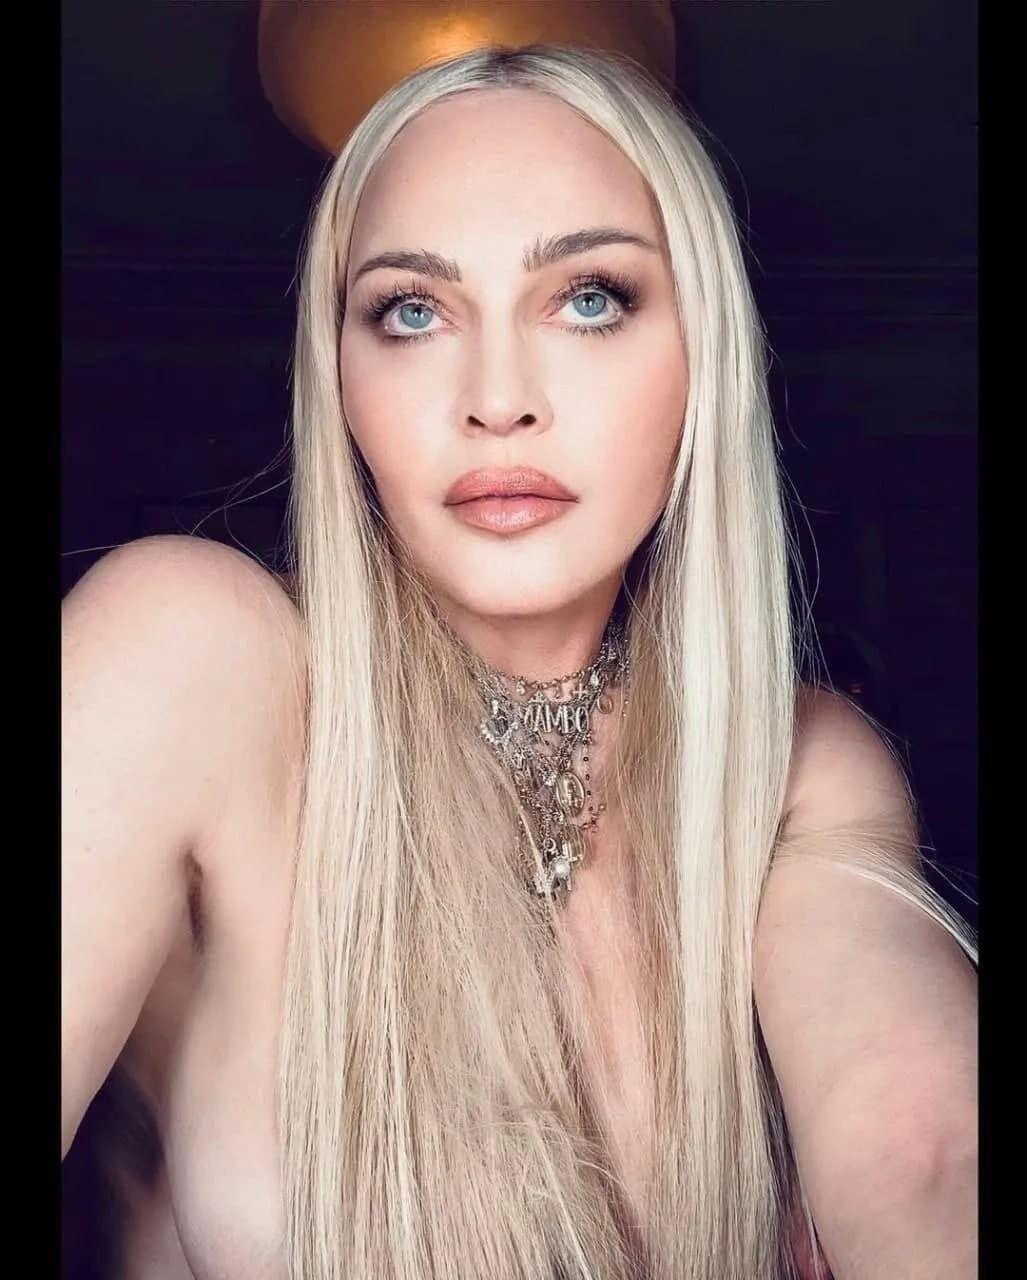 Мадонна снялась на камеру обнаженной, прикрыв грудь длинными волосами